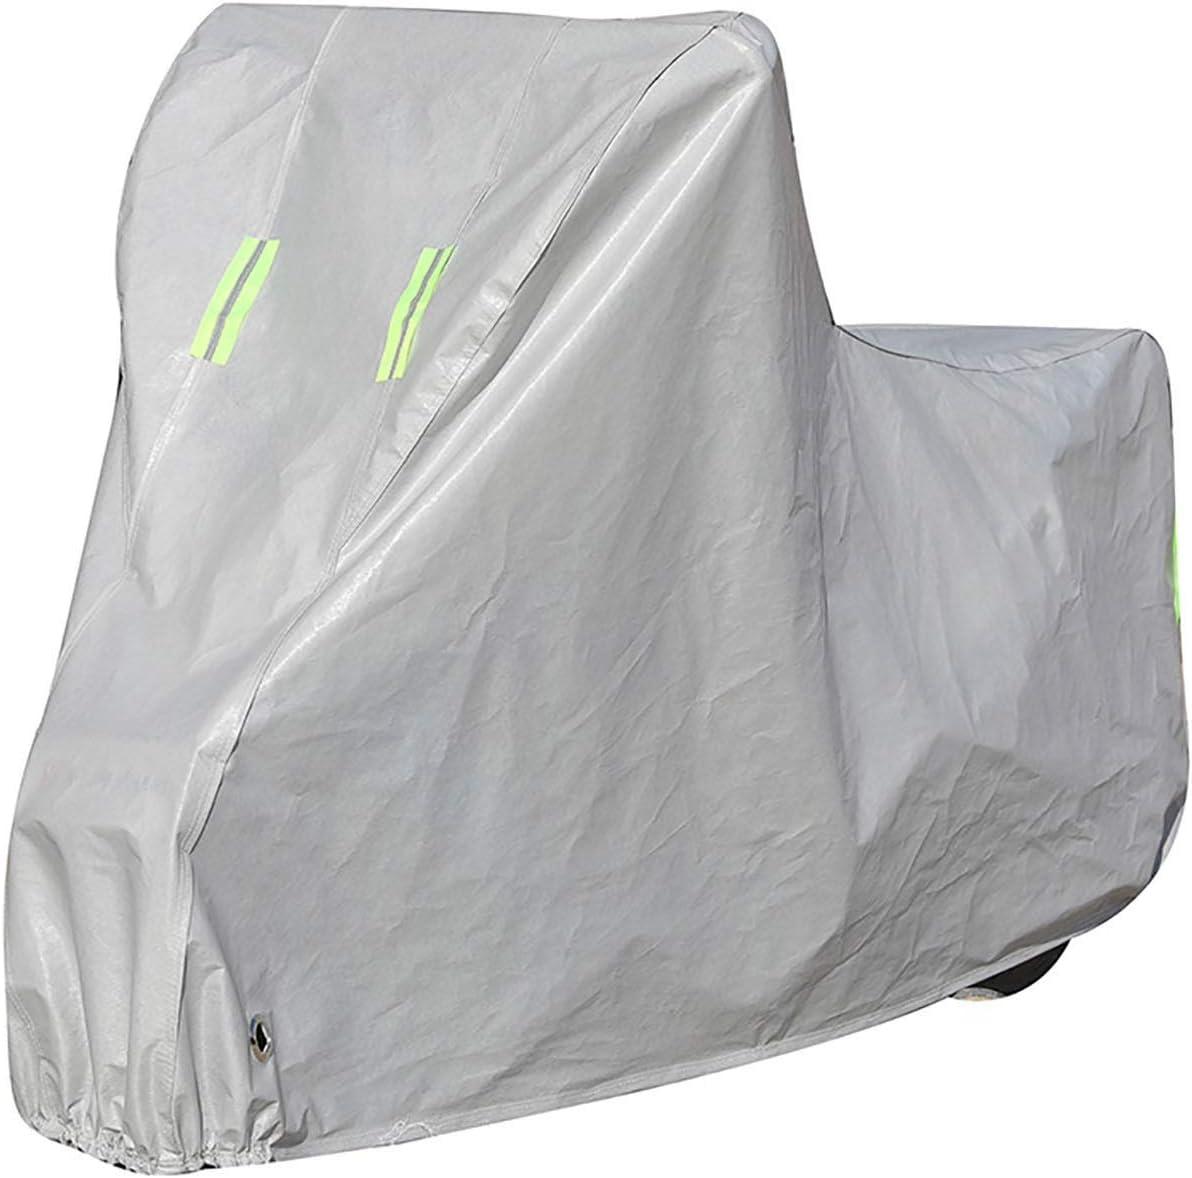 Funda para Moto Compatible con la cubierta de motocicleta SOCO TS LITE, cubierta de scooter de protección al aire libre para todas las estaciones, materiales compuestos con revestimiento de PE Durable